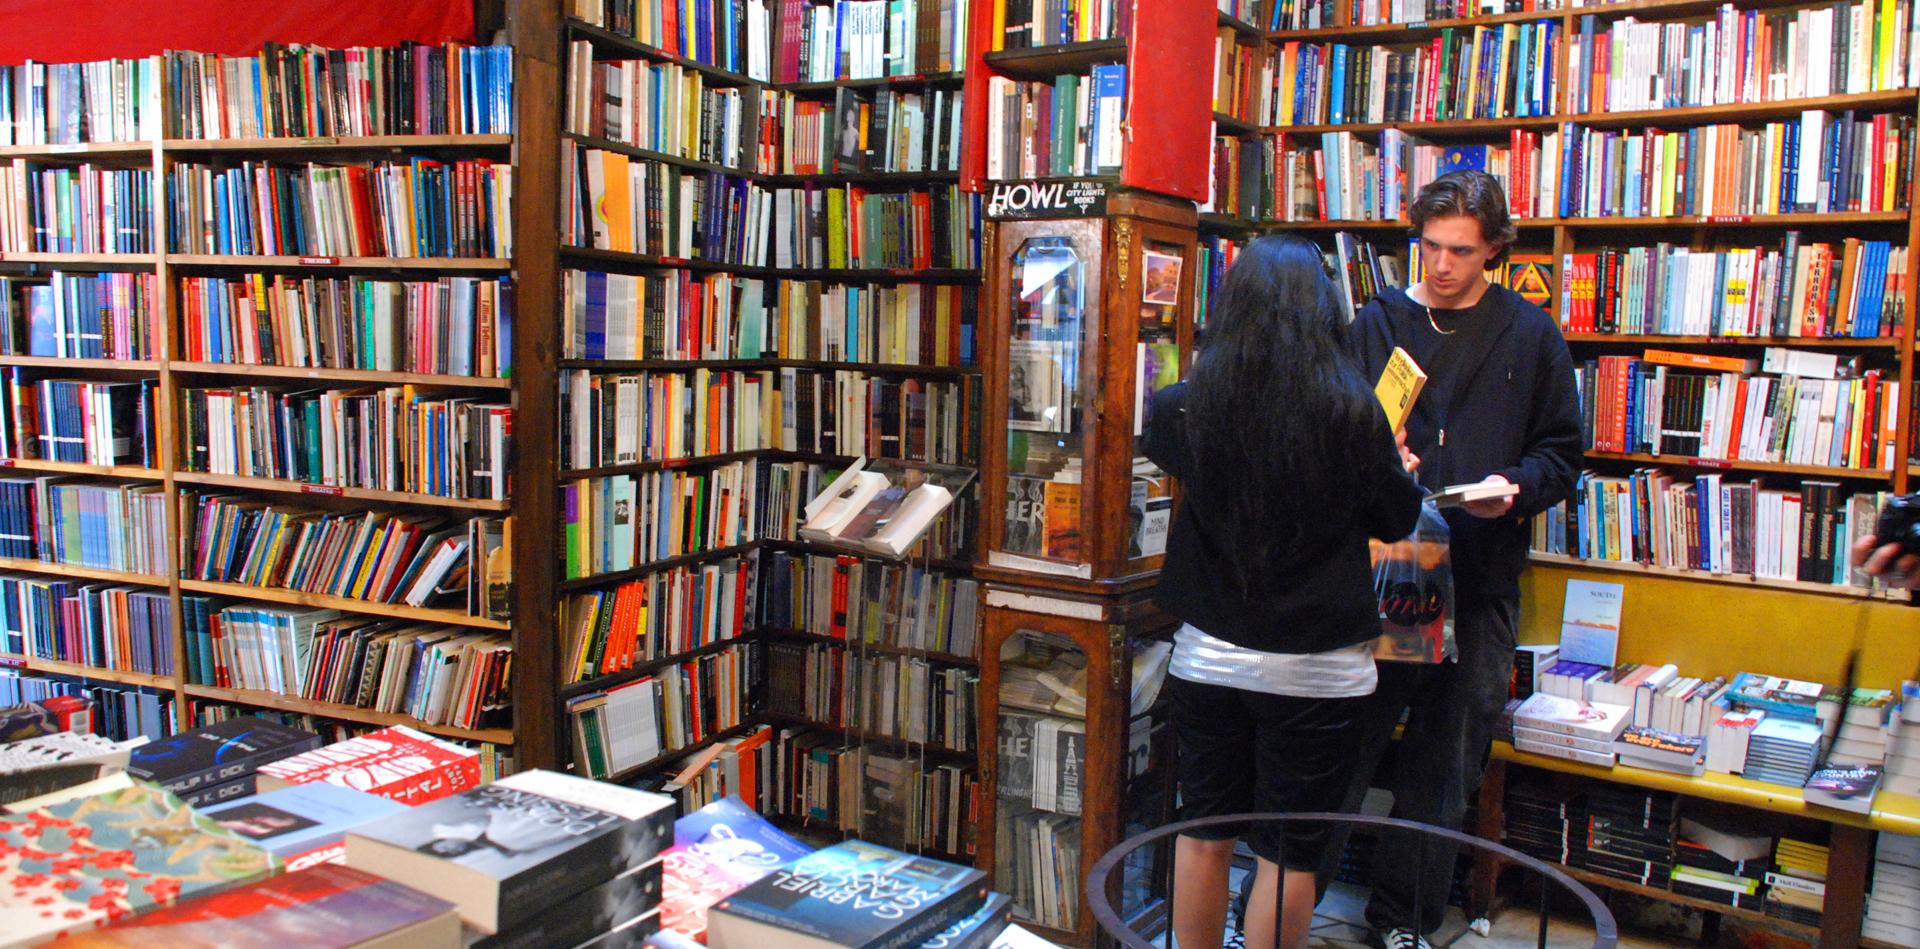 שקספיר אנד קומפני פריז - paeis - חנות ספרים- יואל שתרוג - אדמה יוצרת - yoel sitruk